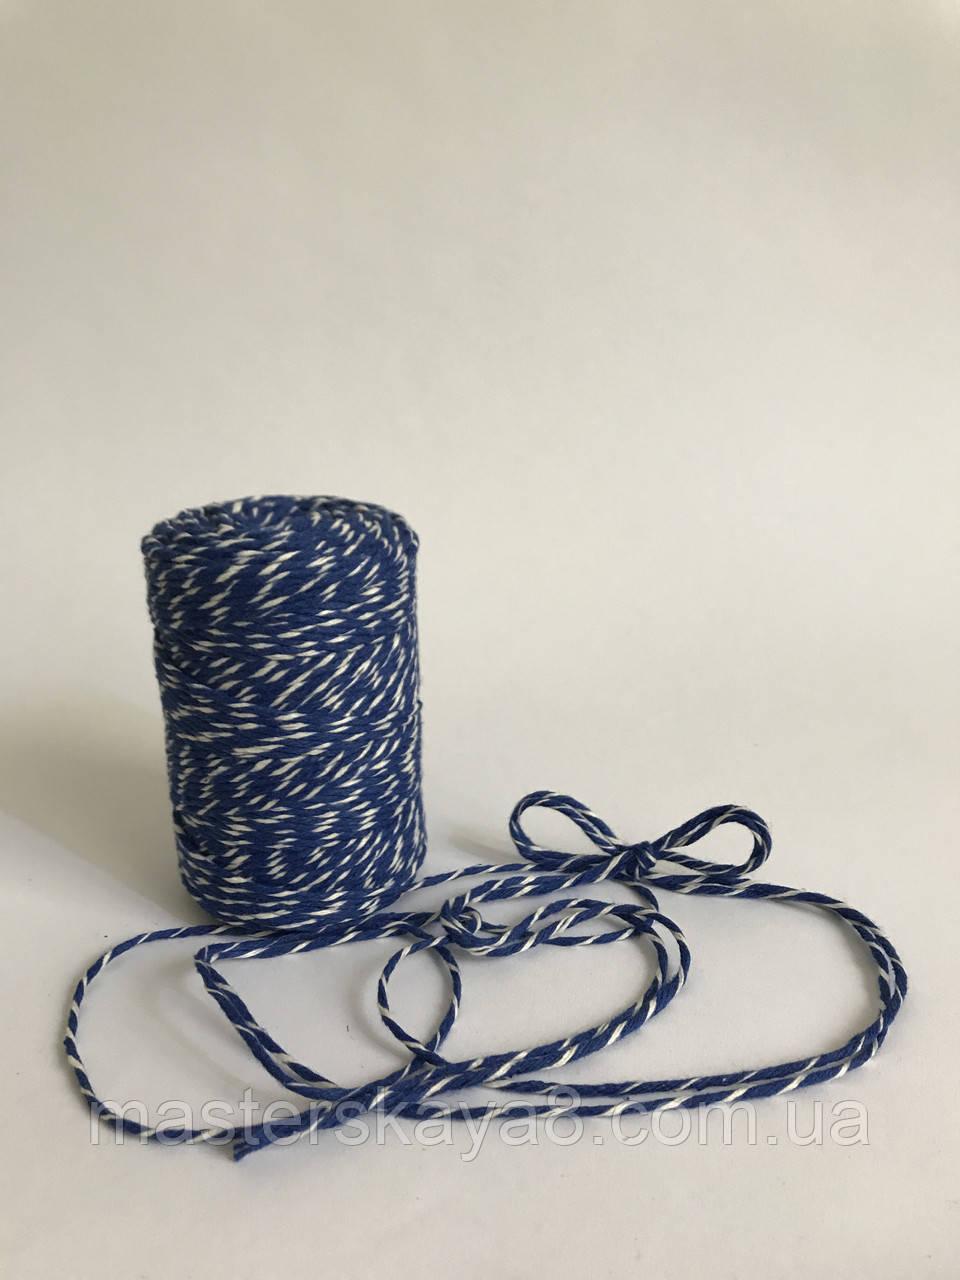 Цветной шнур 100 м, декоративная нить для упаковки, синий с белым